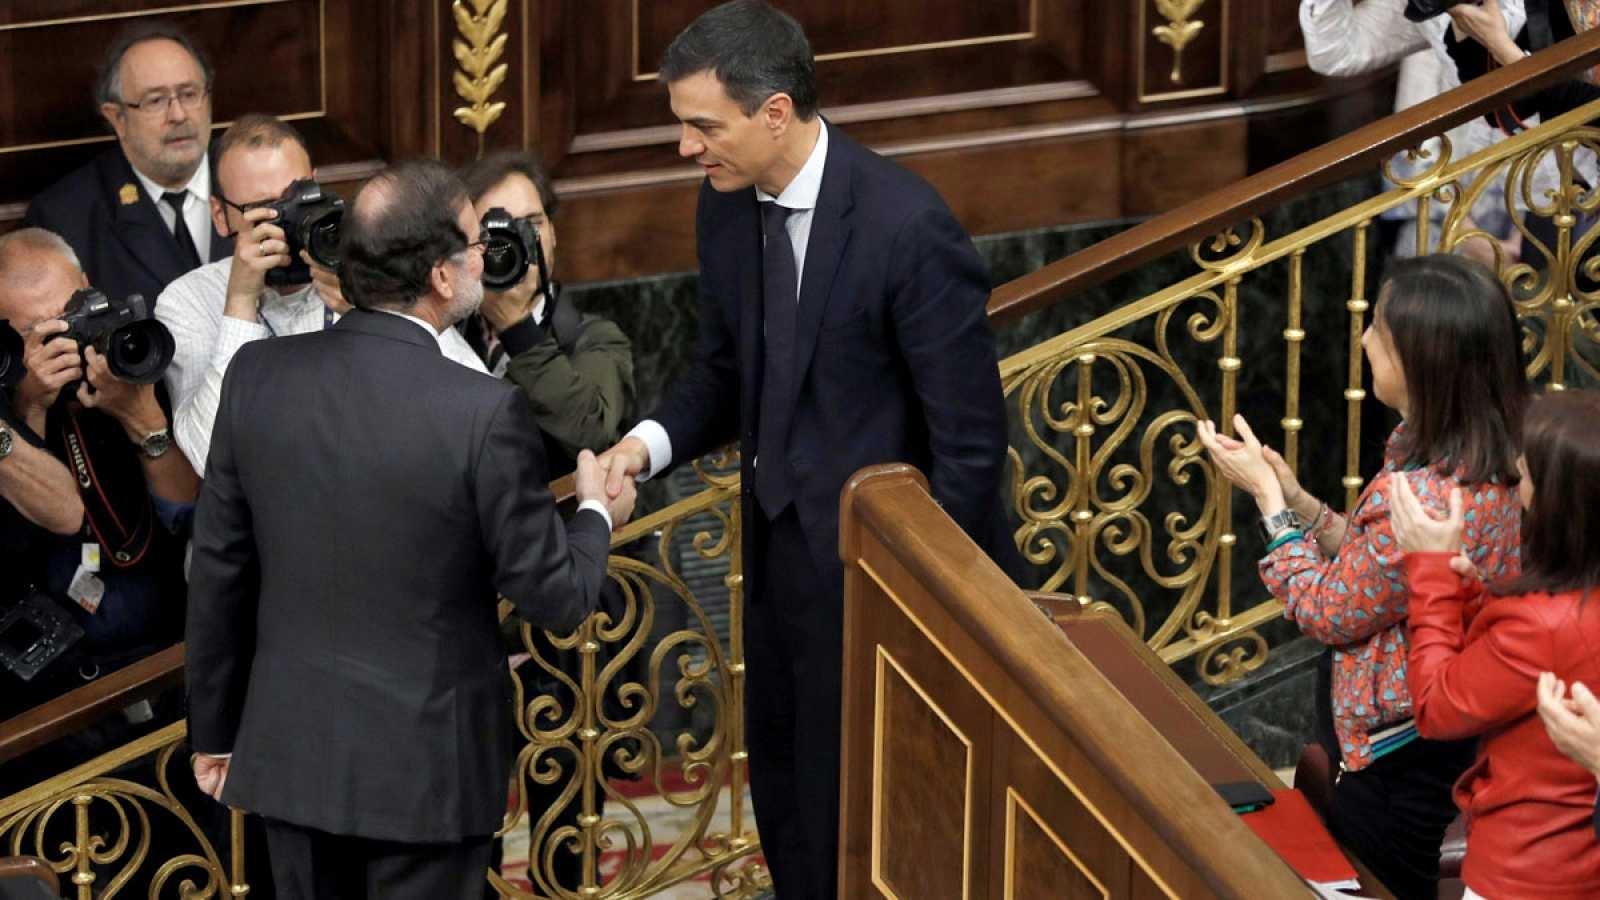 El líder del PSOE, Pedro Sánchez, es va imposar l'1 de juny al llavors president espanyol, Mariano Rajoy (PP), amb una aliança transversal de l'esquerra i les forces catalanes i basques | RTVE